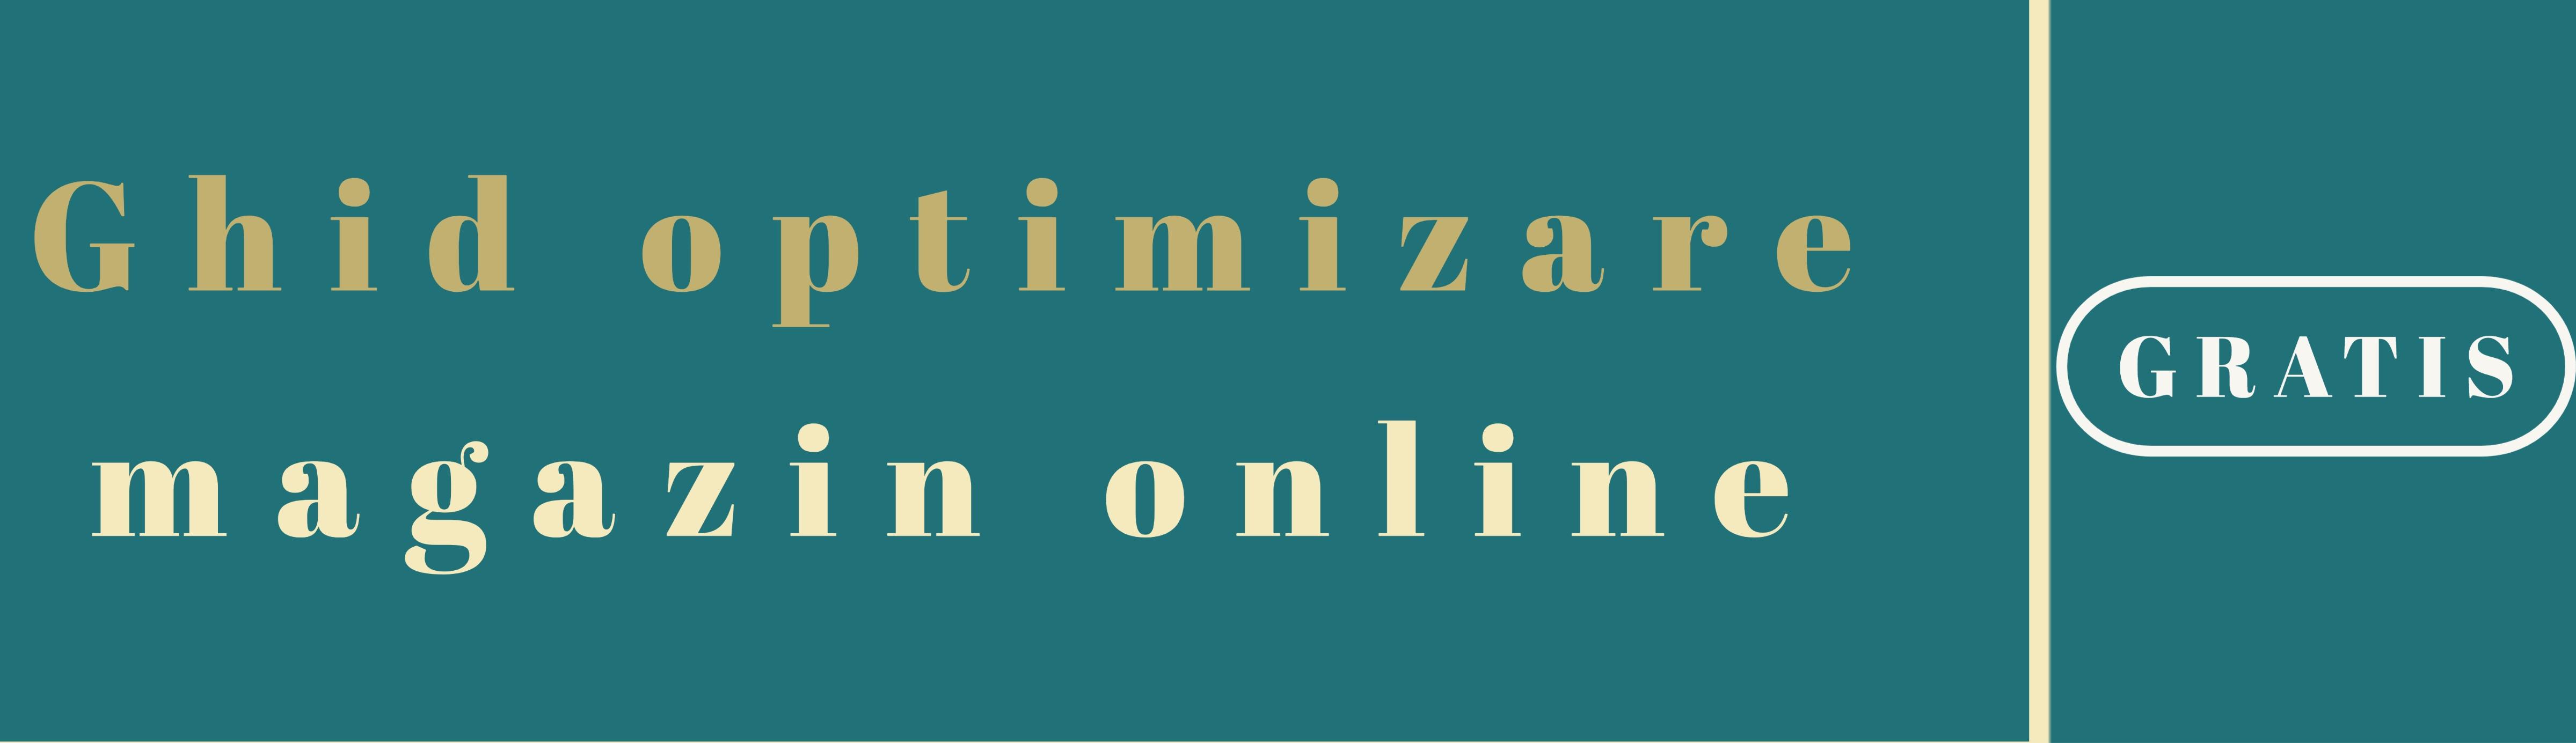 începe o afacere pe internet fără investiții)